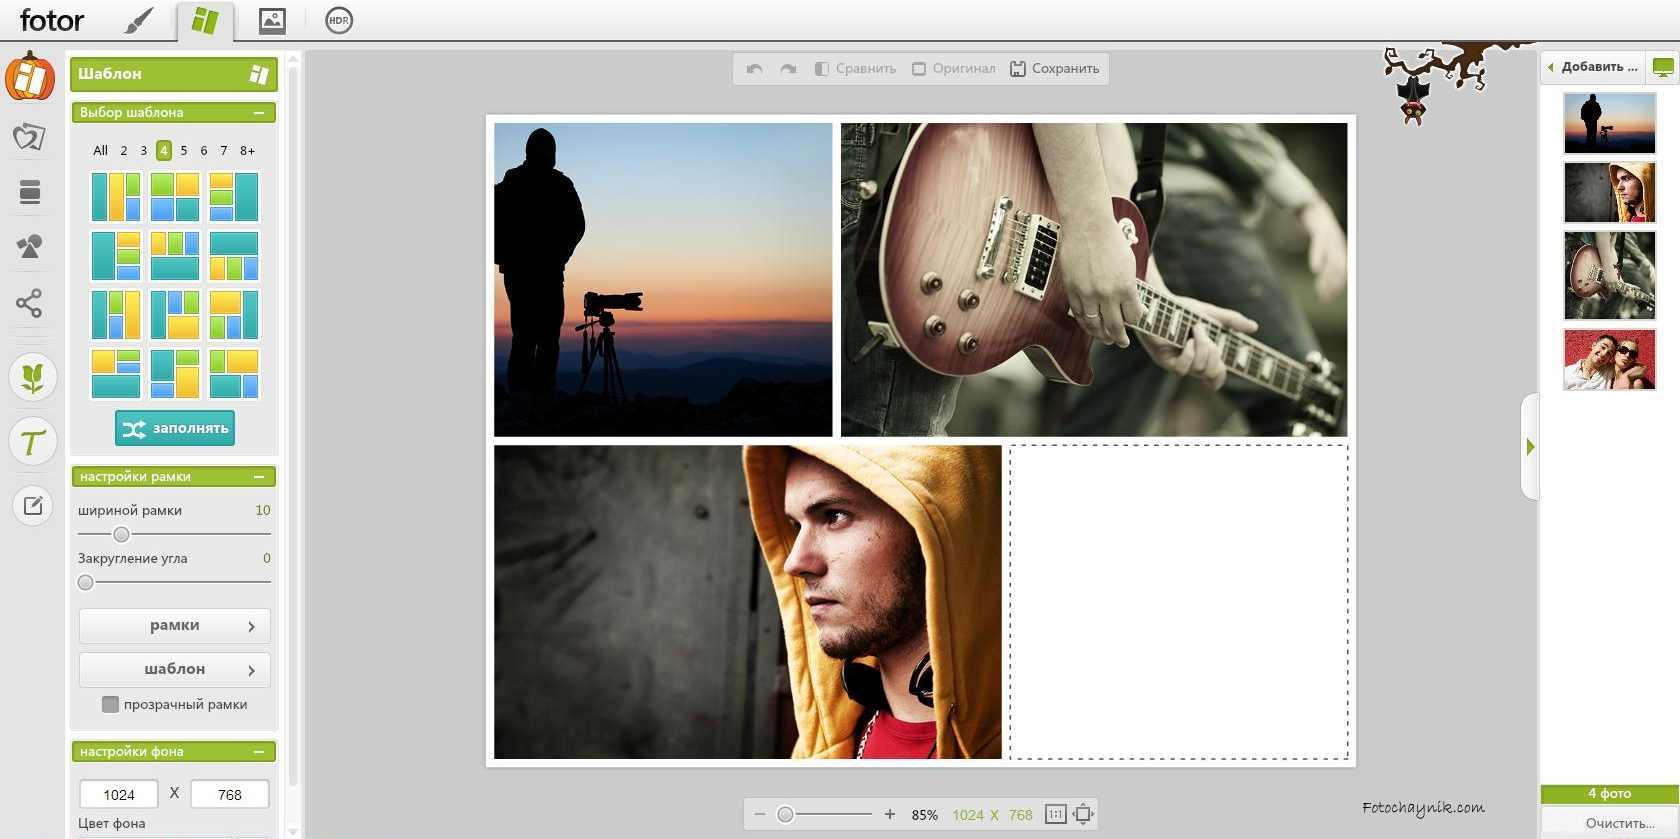 Как сделать фотоколлаж онлайн с надписями бесплатно